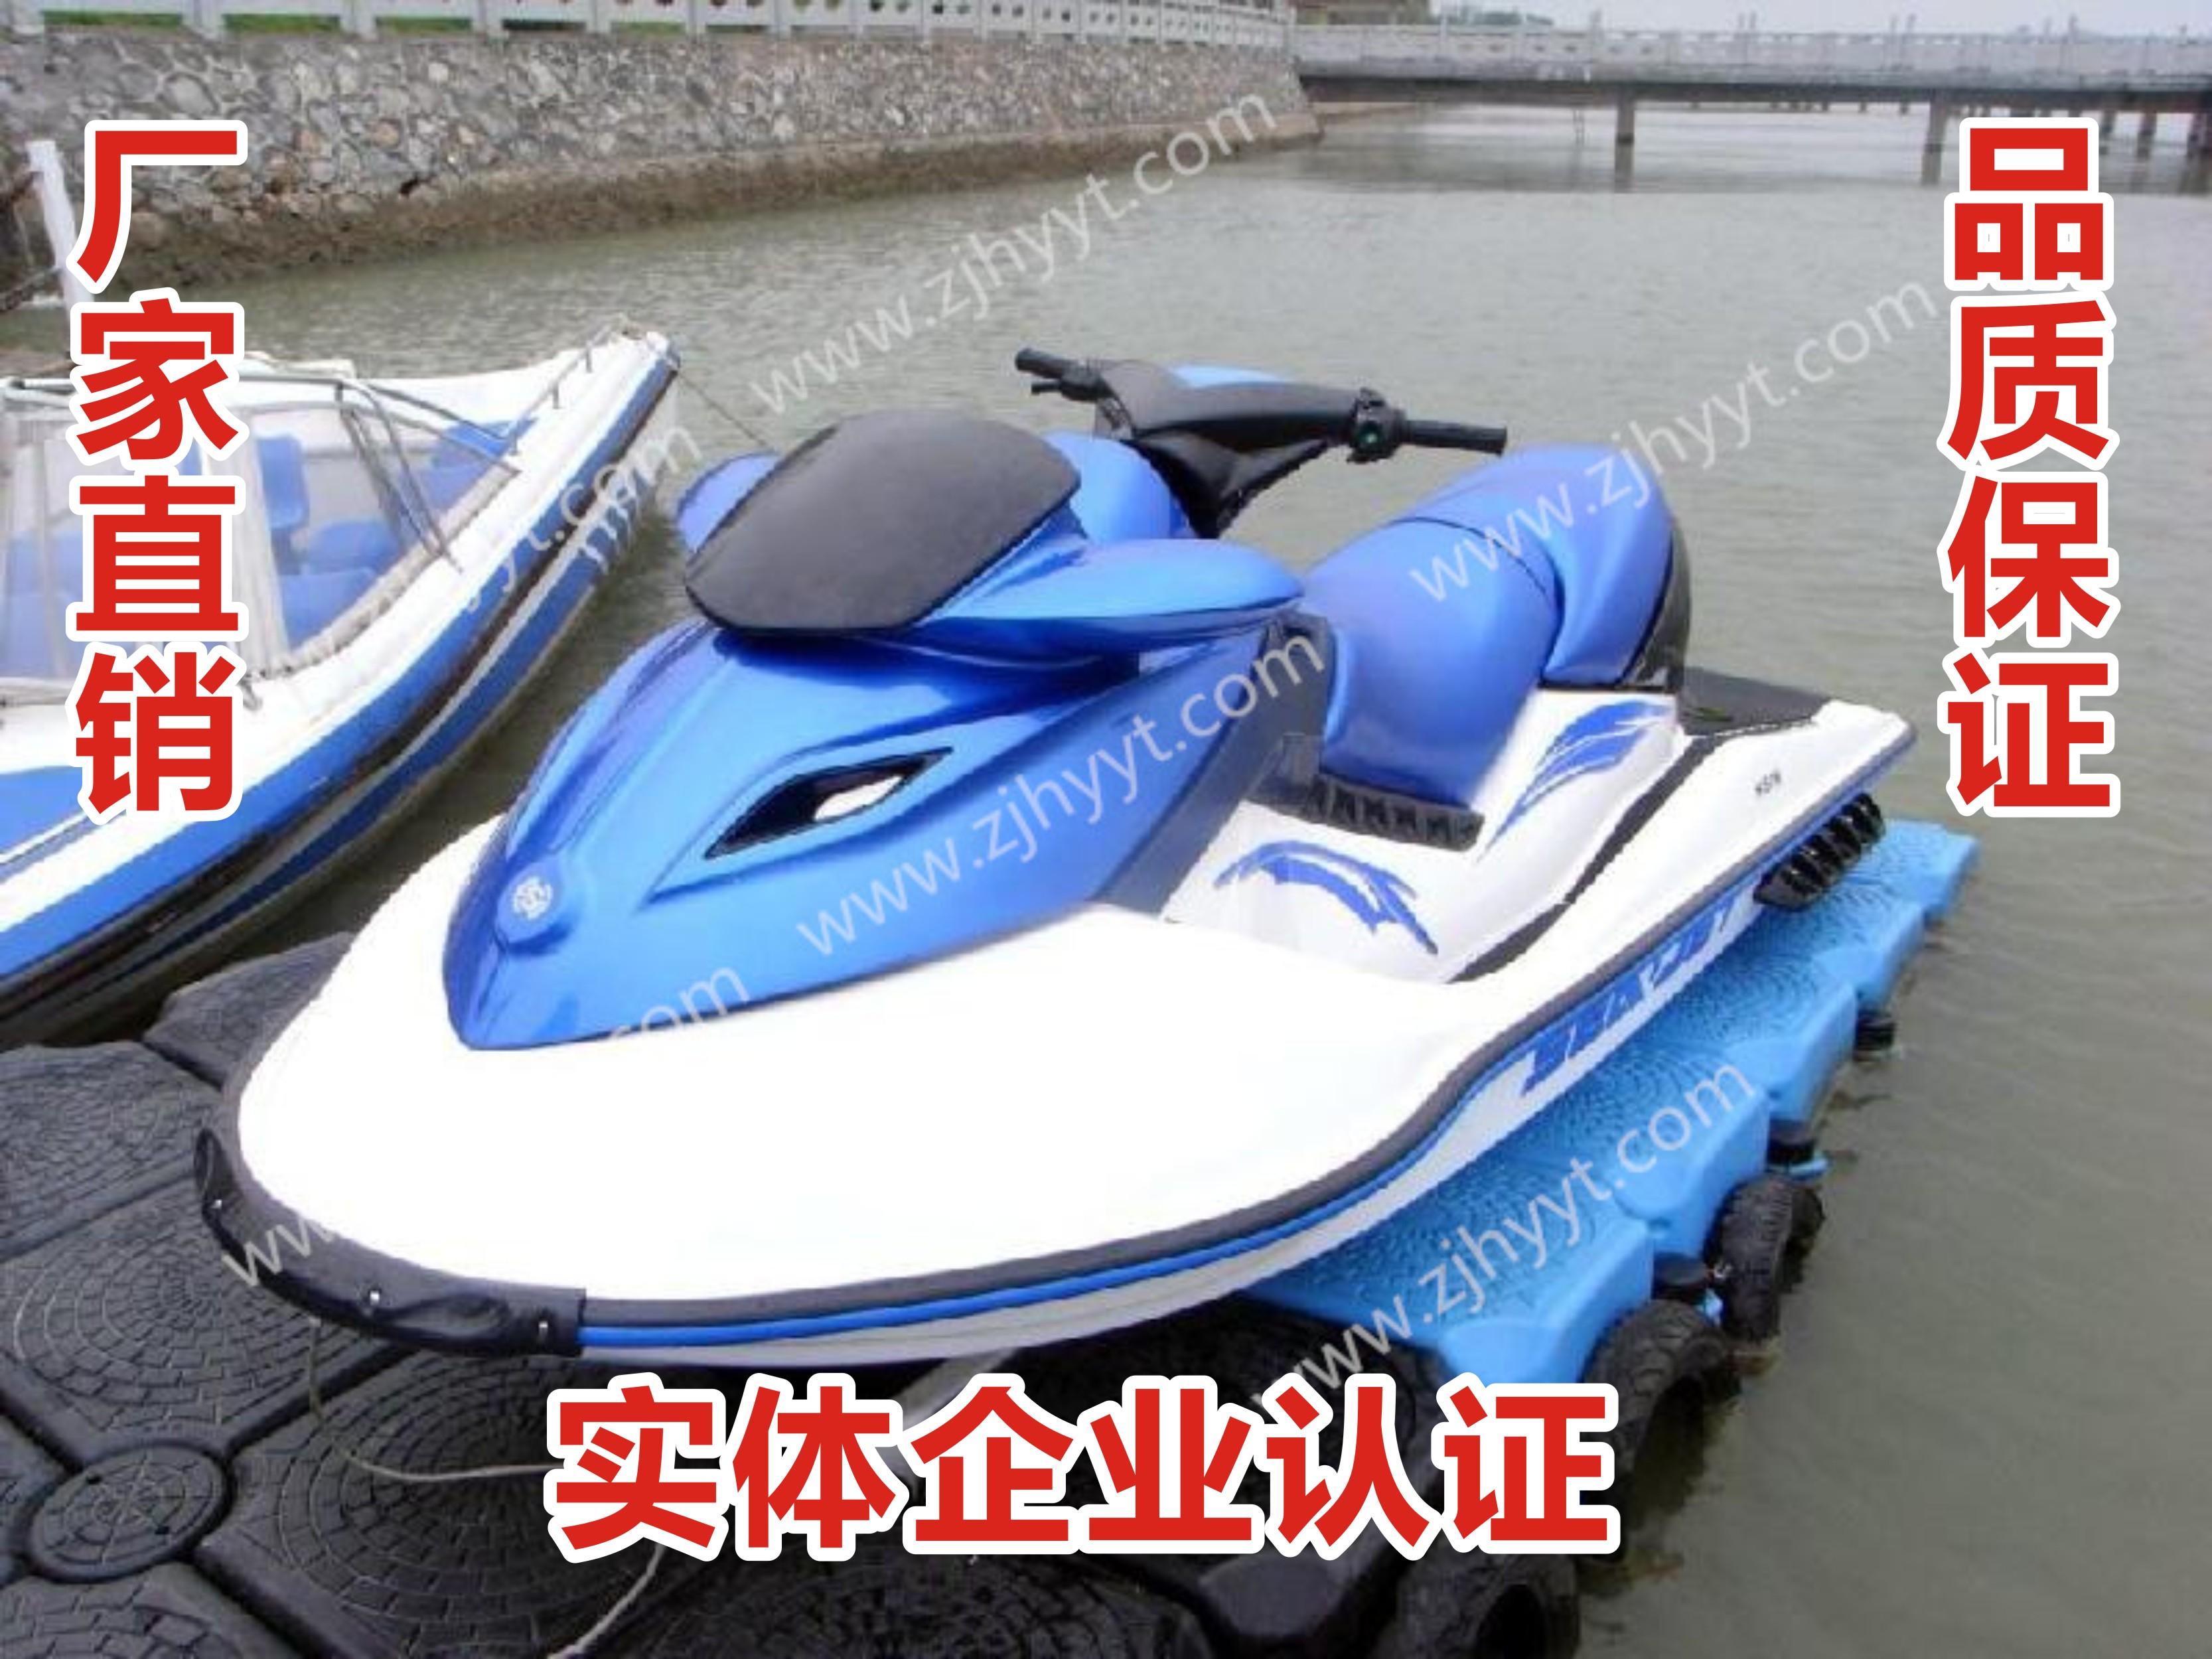 Мотоцикл ремесло причал позиция поплавок динамический код глава низший водный платформа рыбалка тайвань близко вода пирс поплавок трубка поплавок коробка